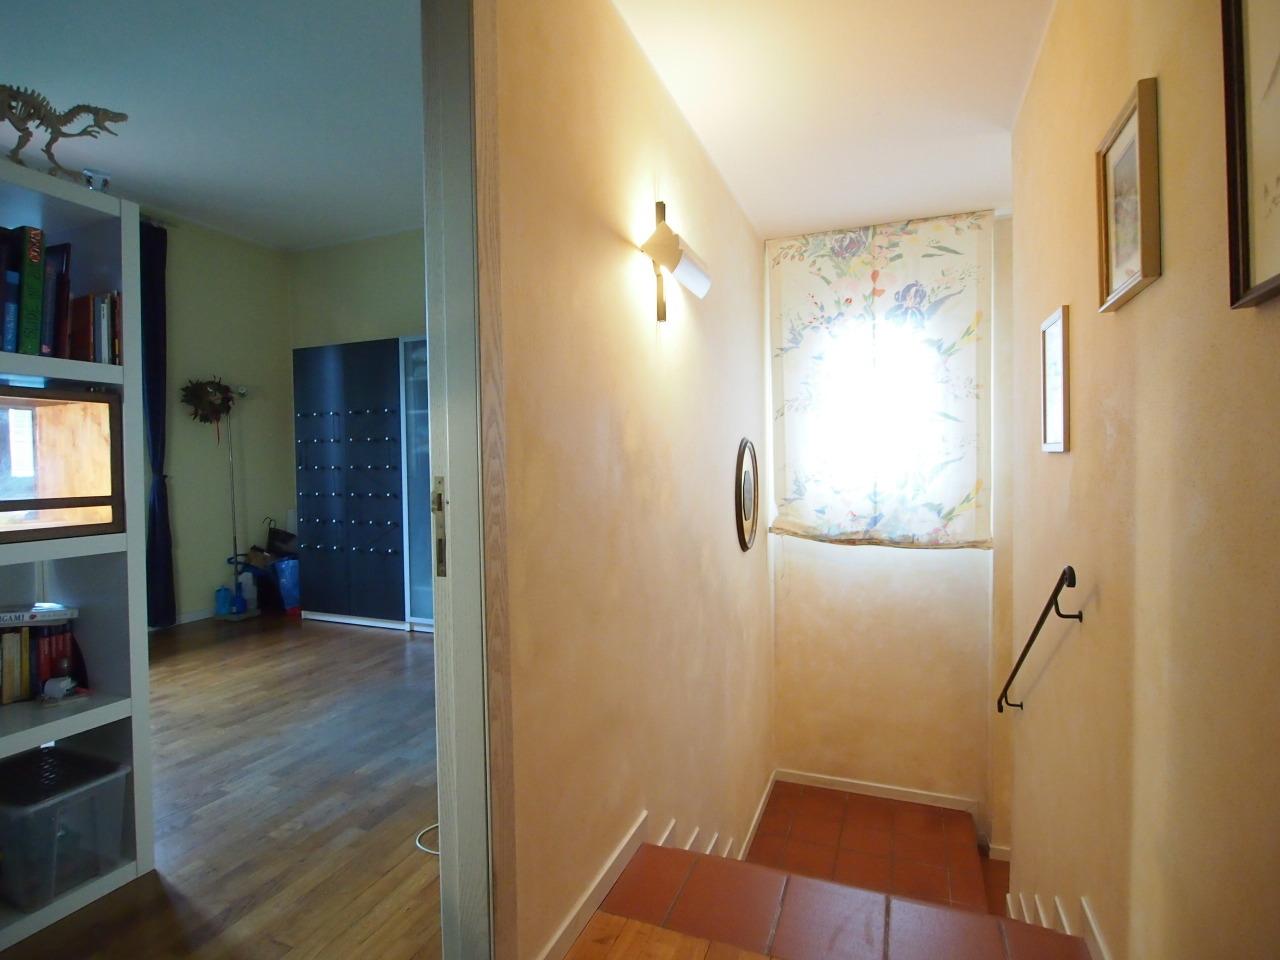 Villa in vendita RIF. 704, San Miniato (PI)